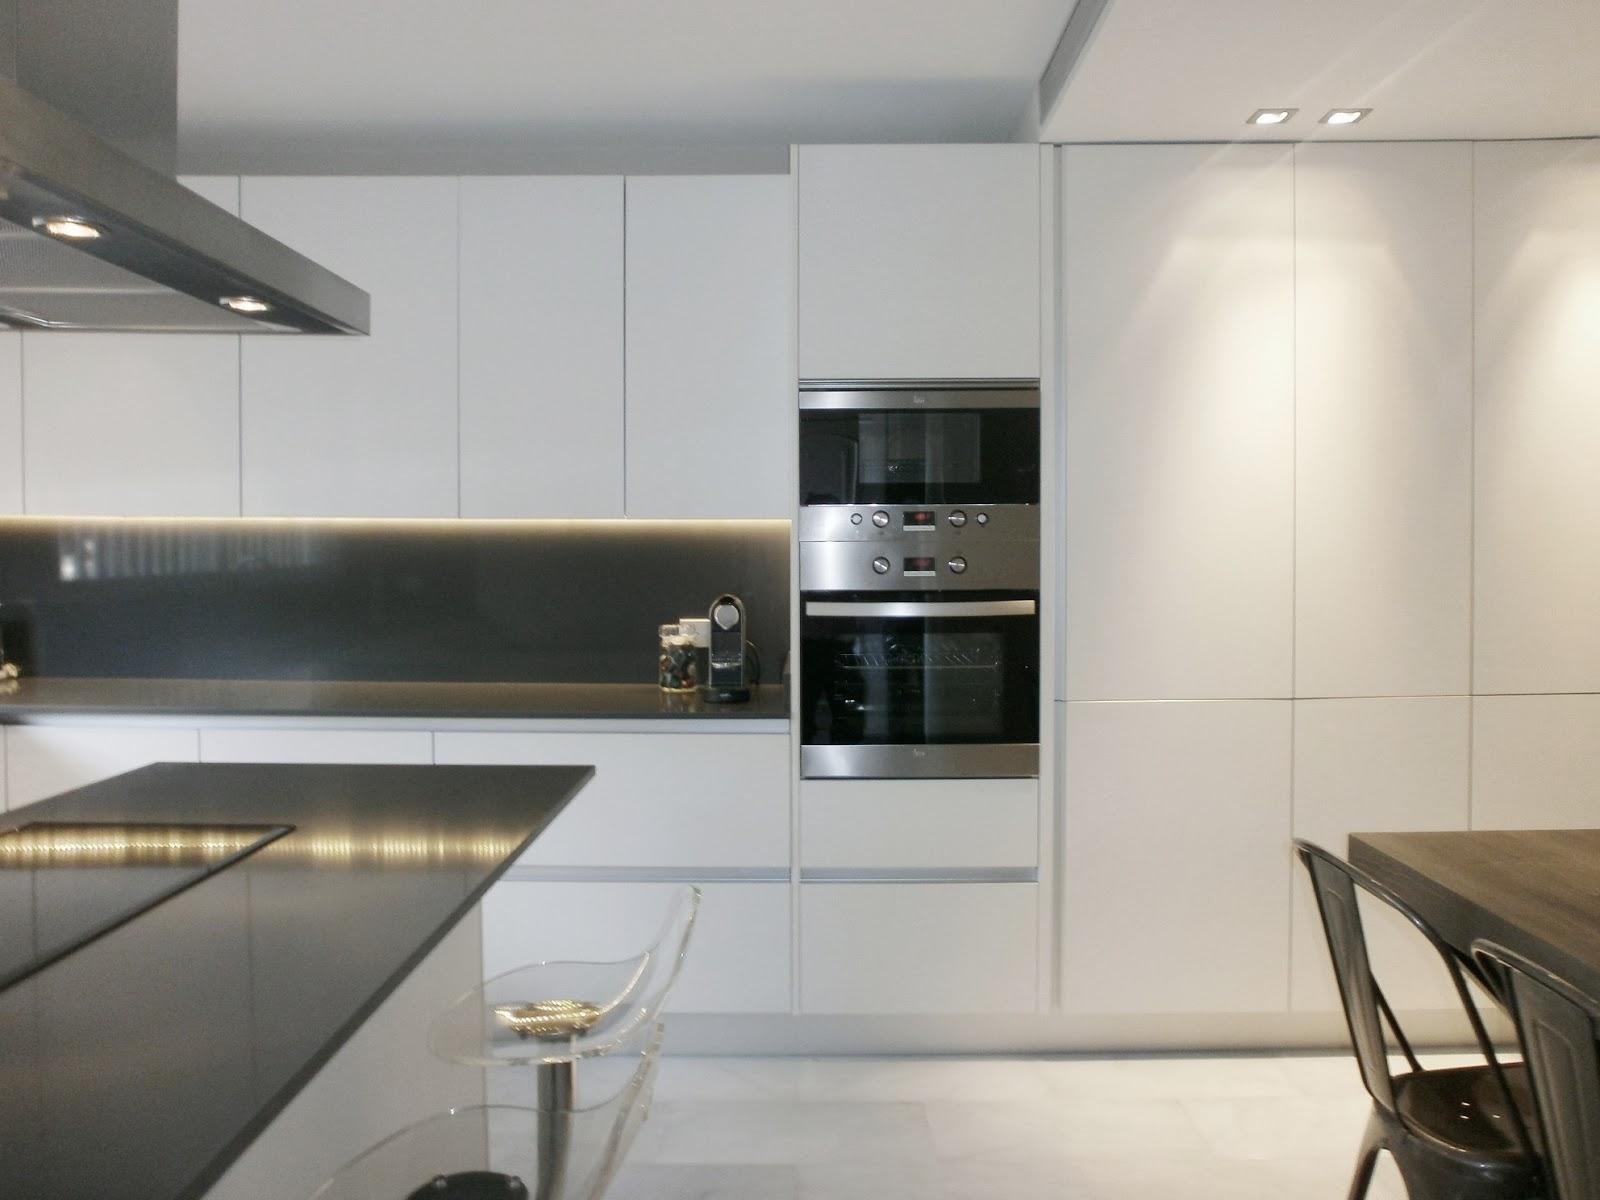 Encantadora cocina blanca independiente con isla y office